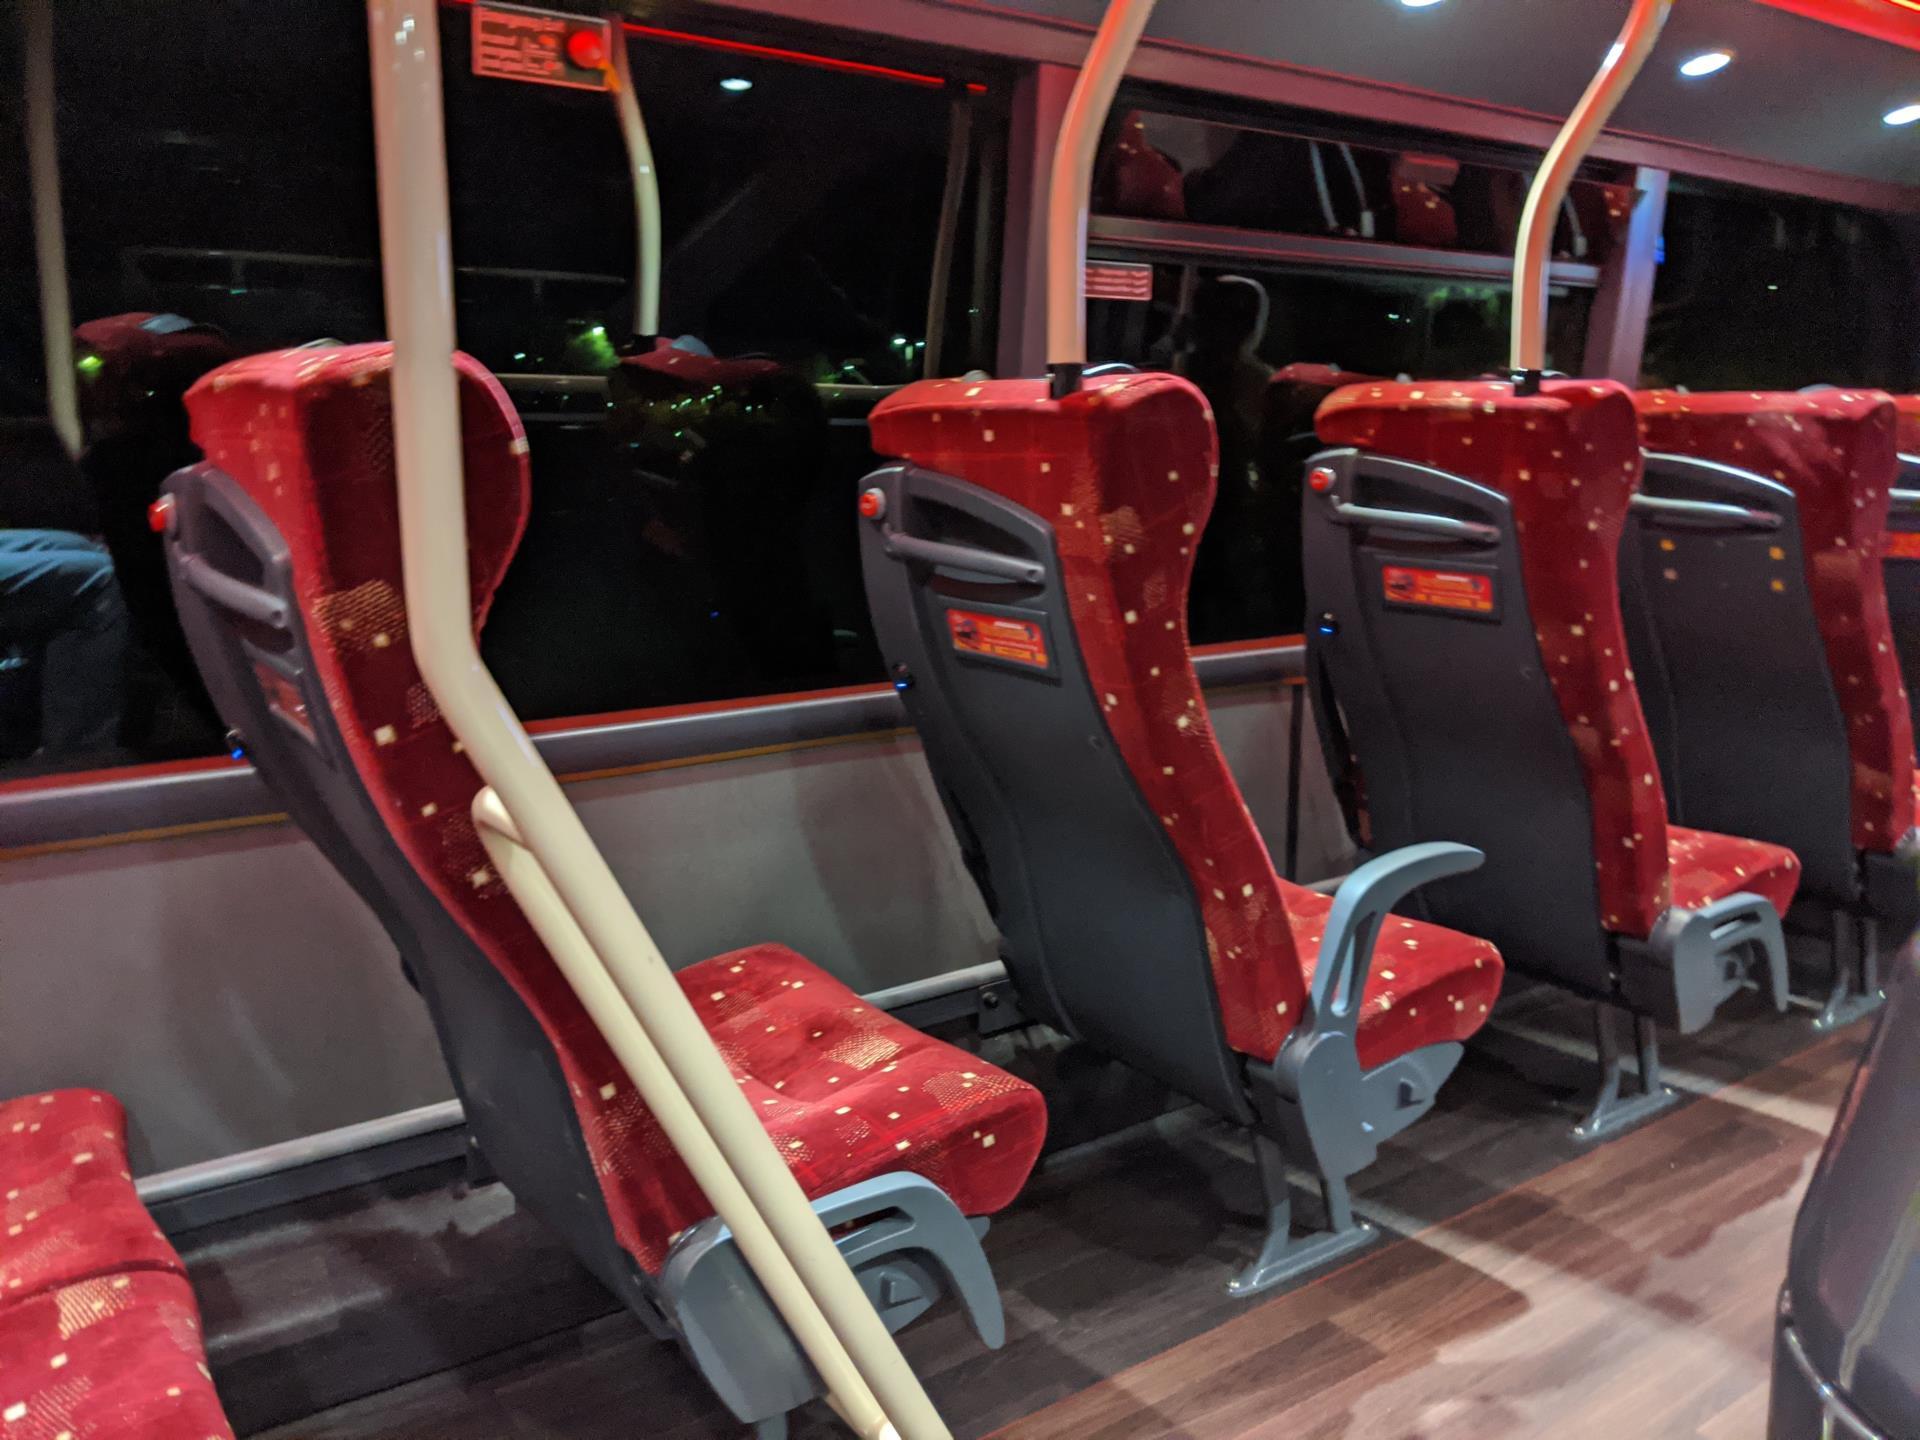 Il bus Airlink 100 che collega l'aeroporto con Edimburgo centro